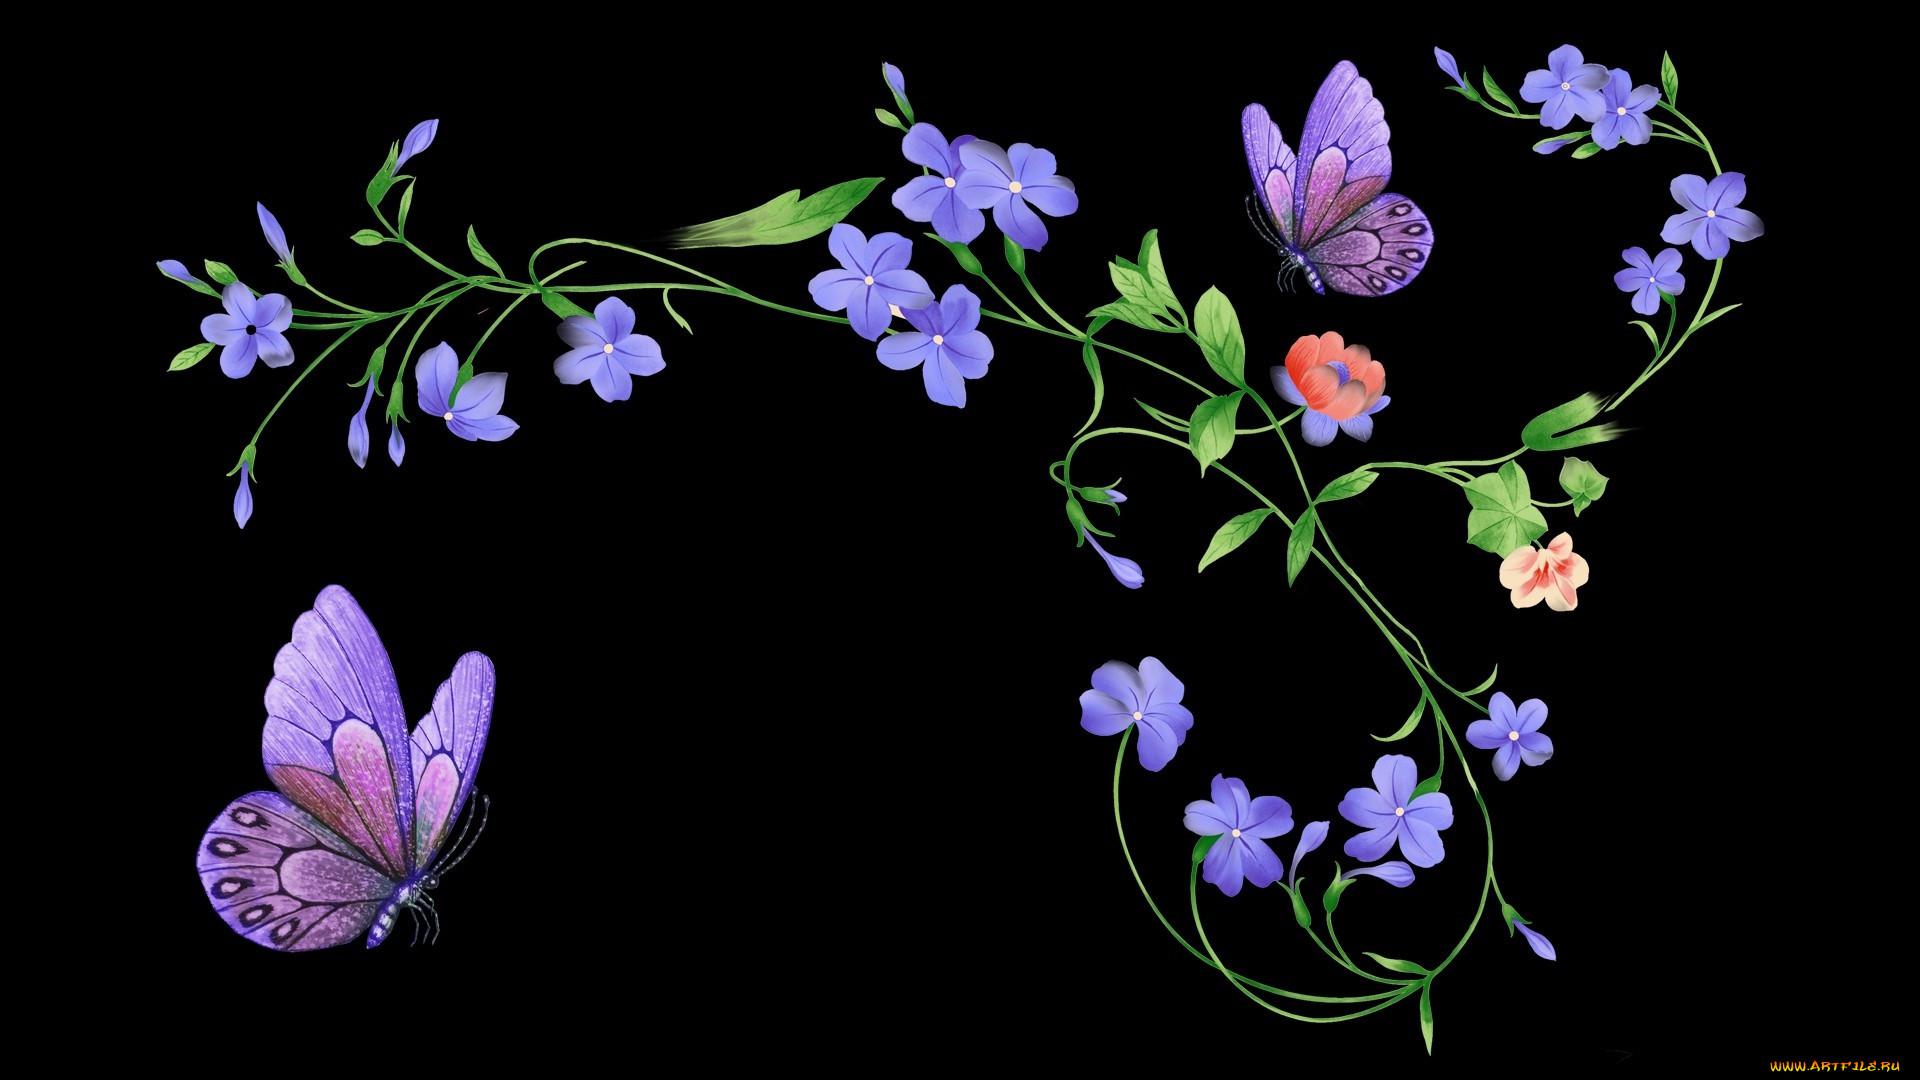 картинки сиреневые цветы на черном фоне настоящий момент гулькина